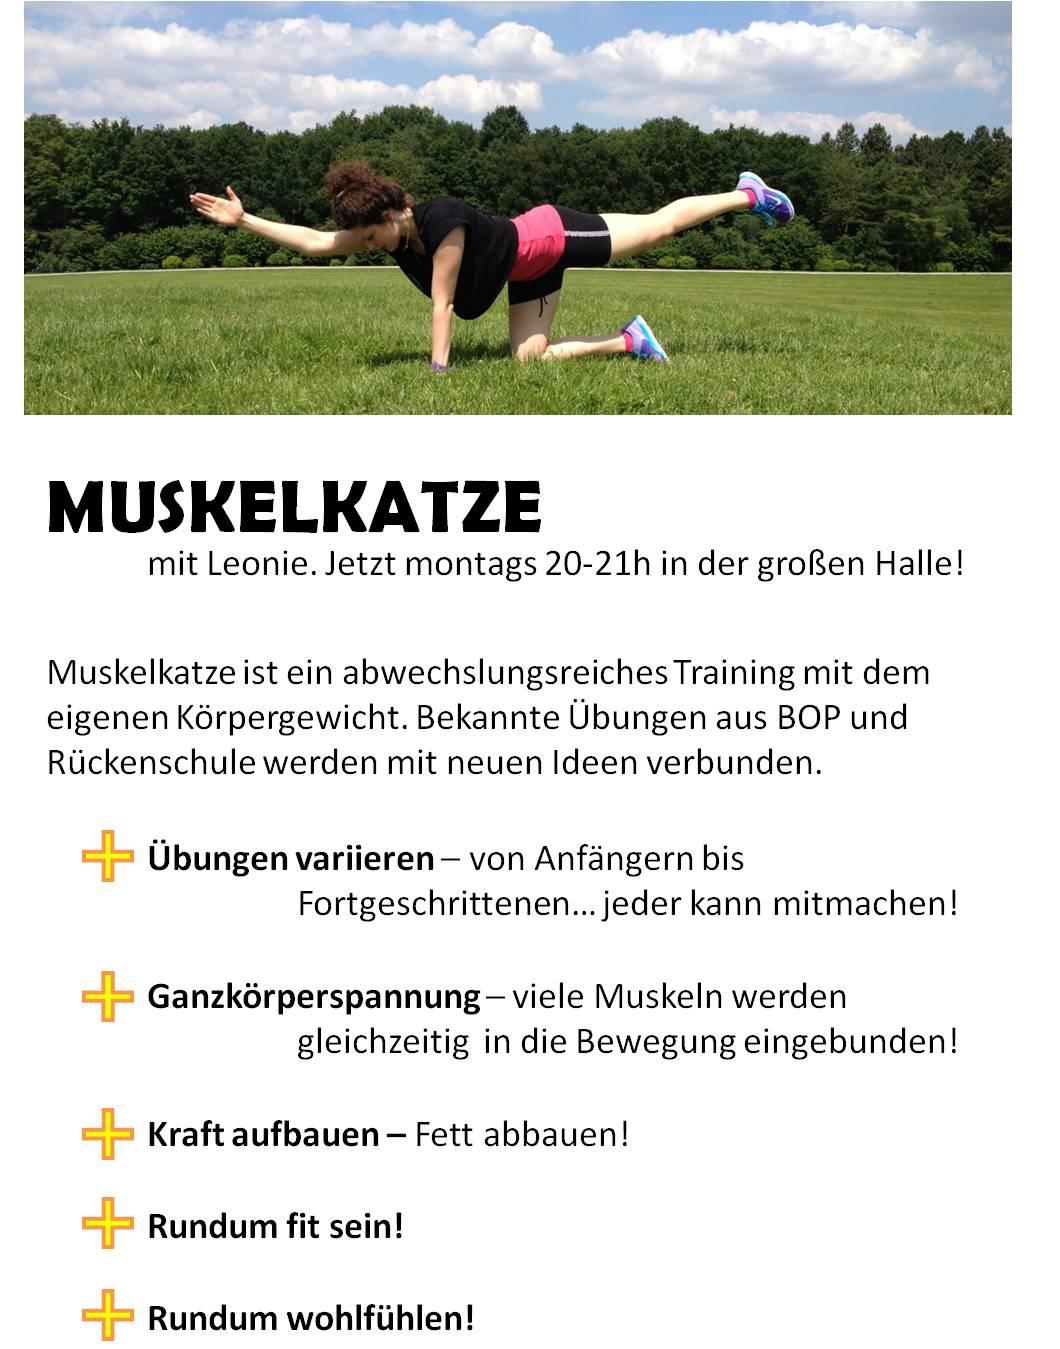 Muskelkatze mit Leonie Fischer